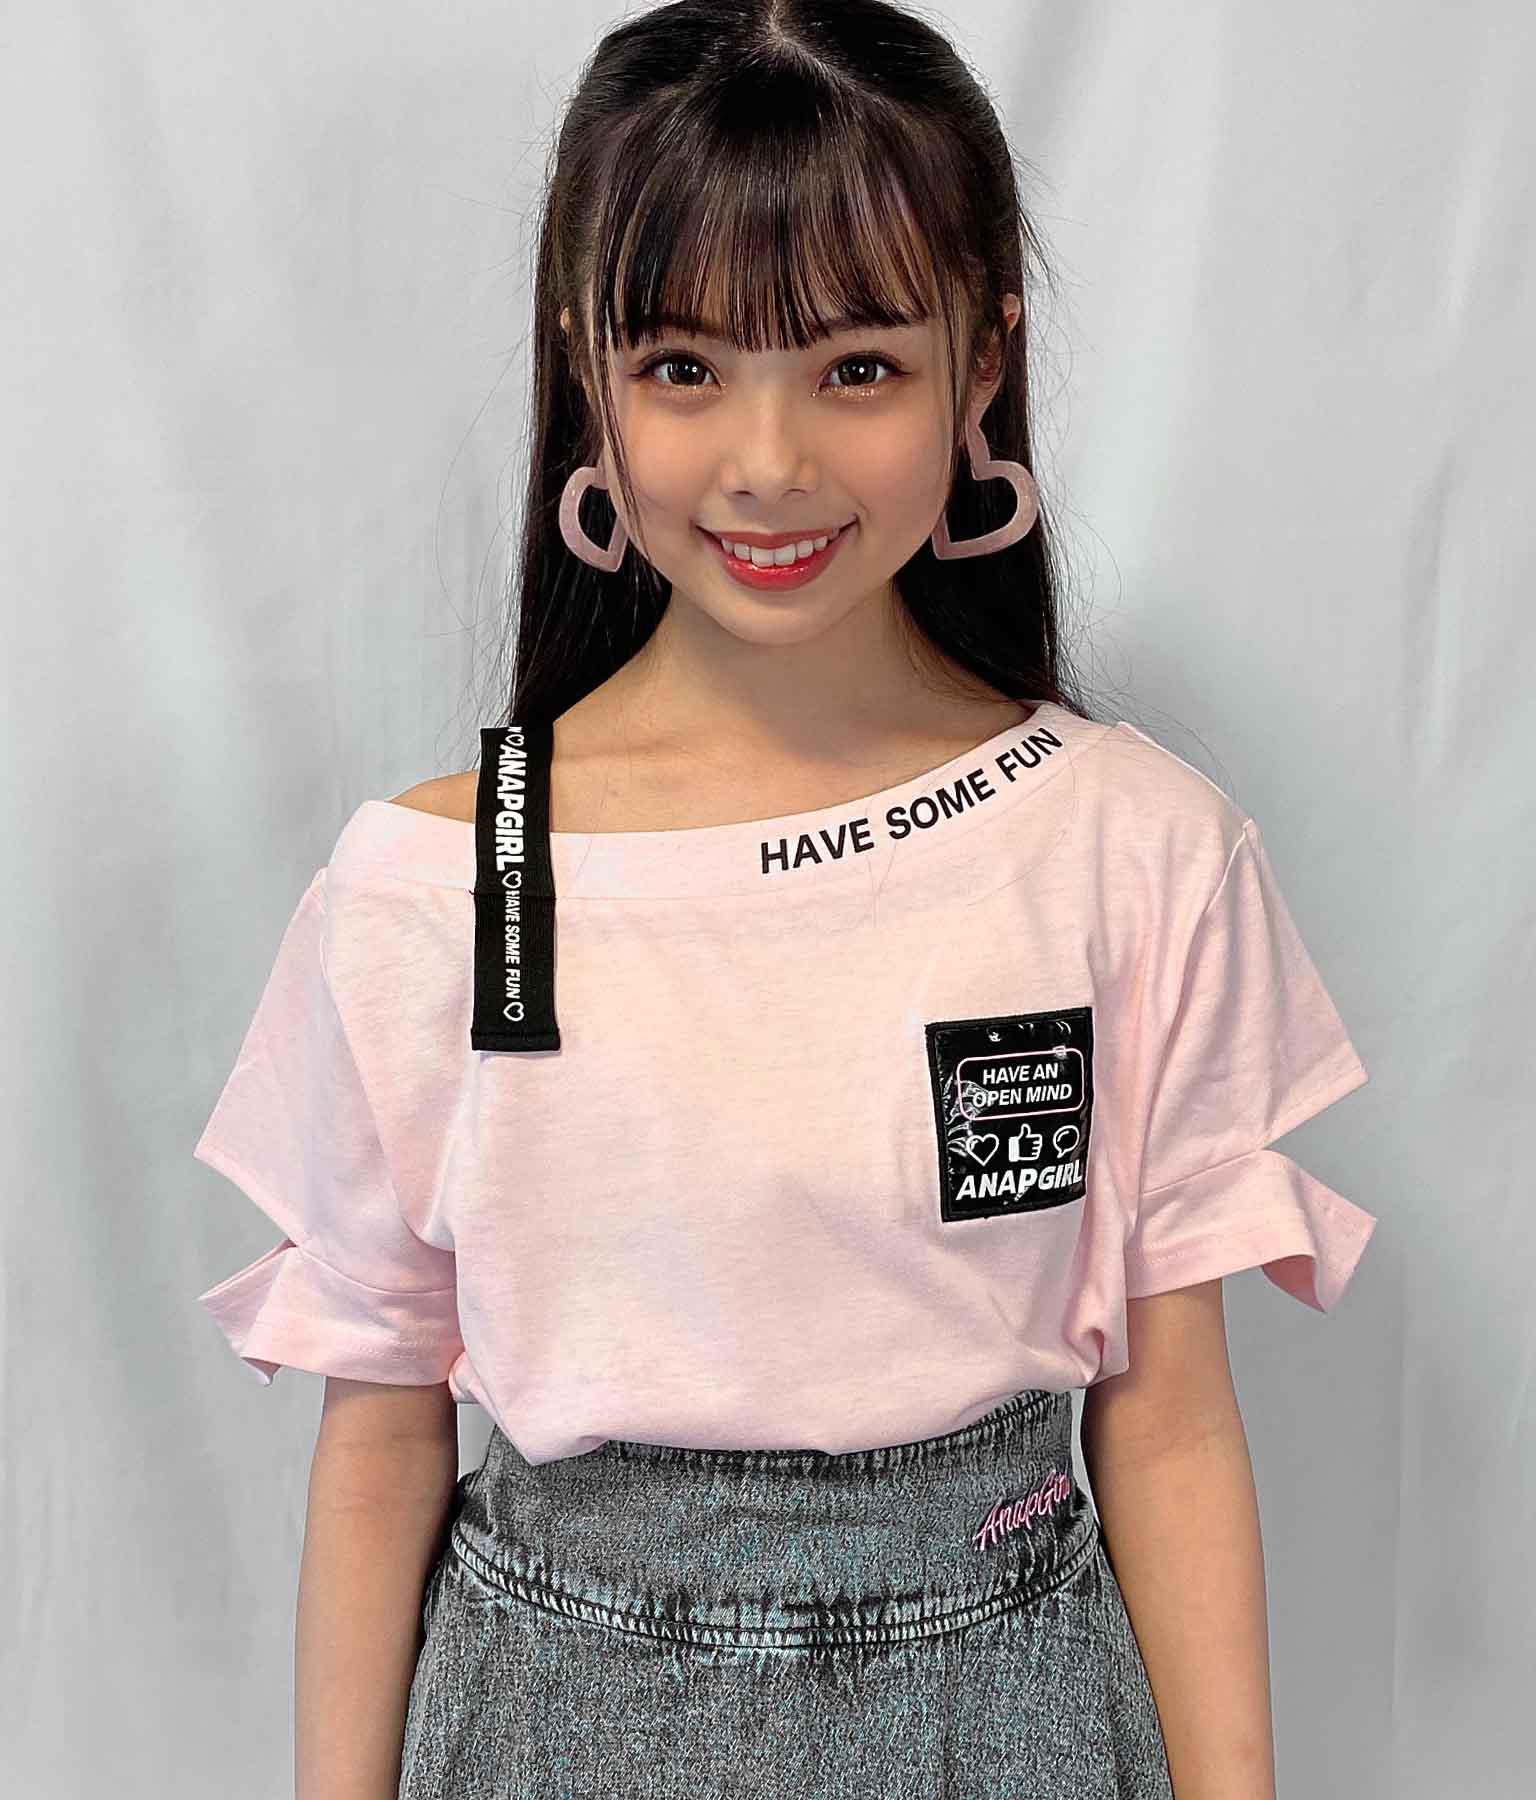 ワンショルダーテープ付トップス(トップス/Tシャツ) | ANAP GiRL